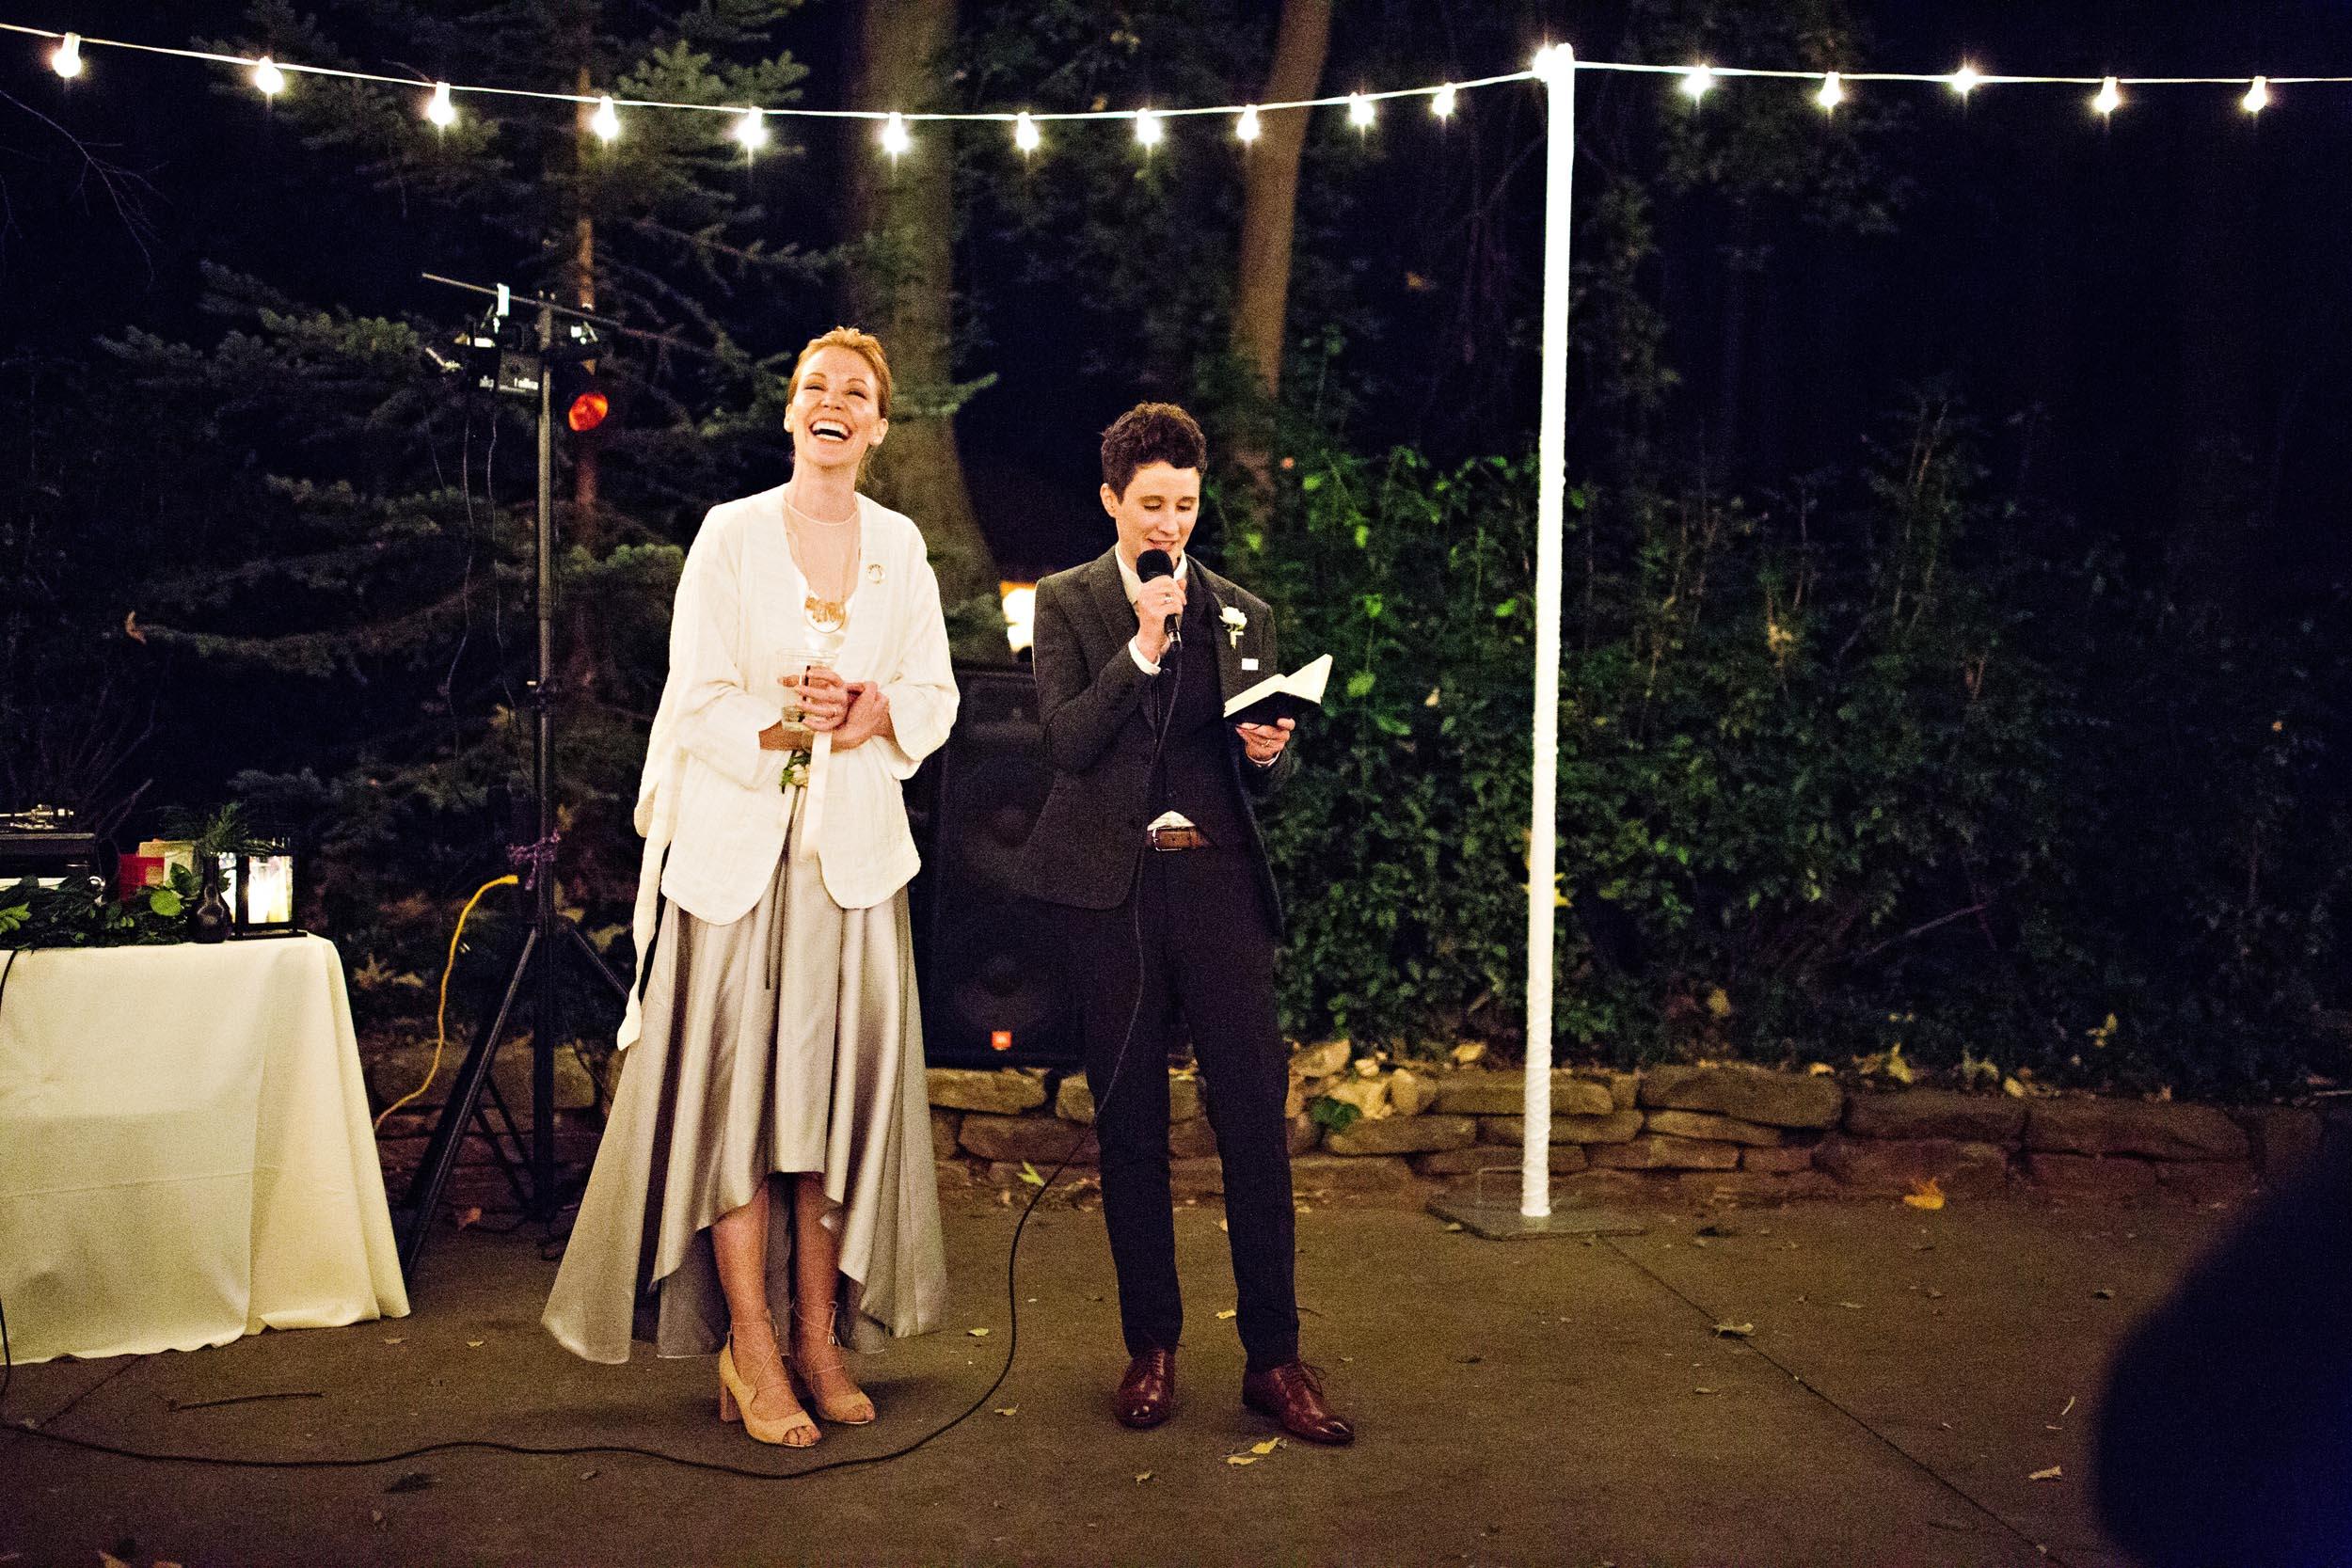 weddings-oakcreek-27.jpg